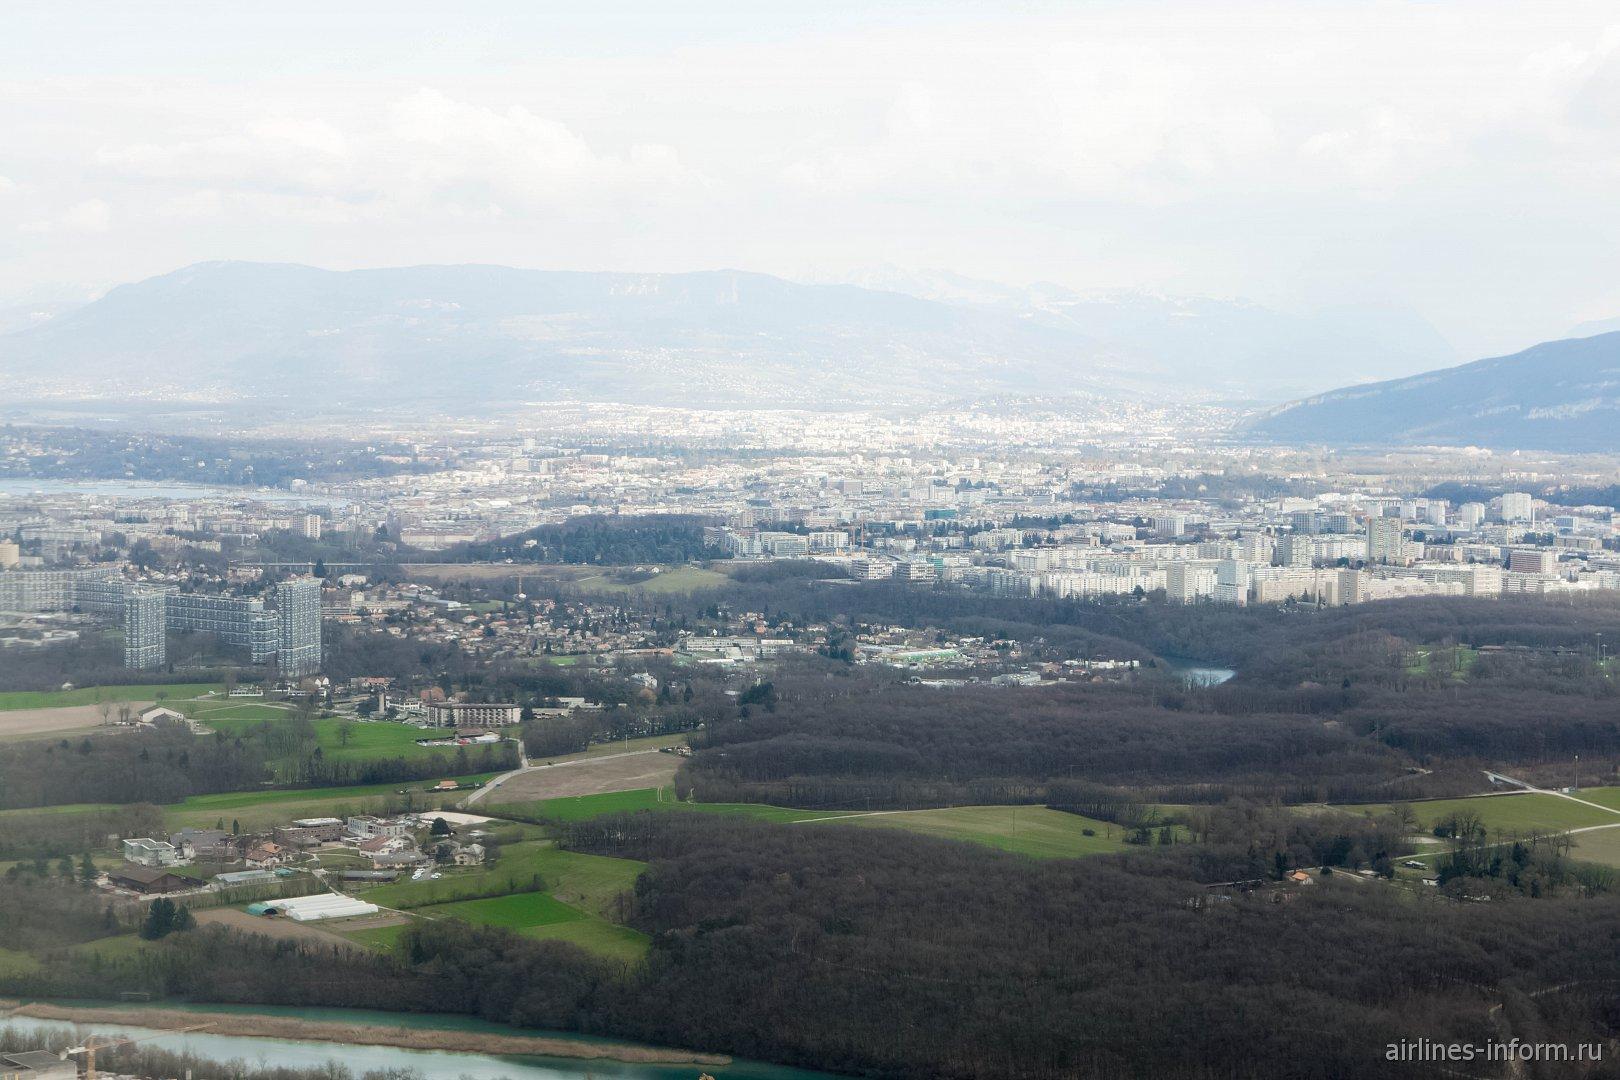 Вид на город Женева